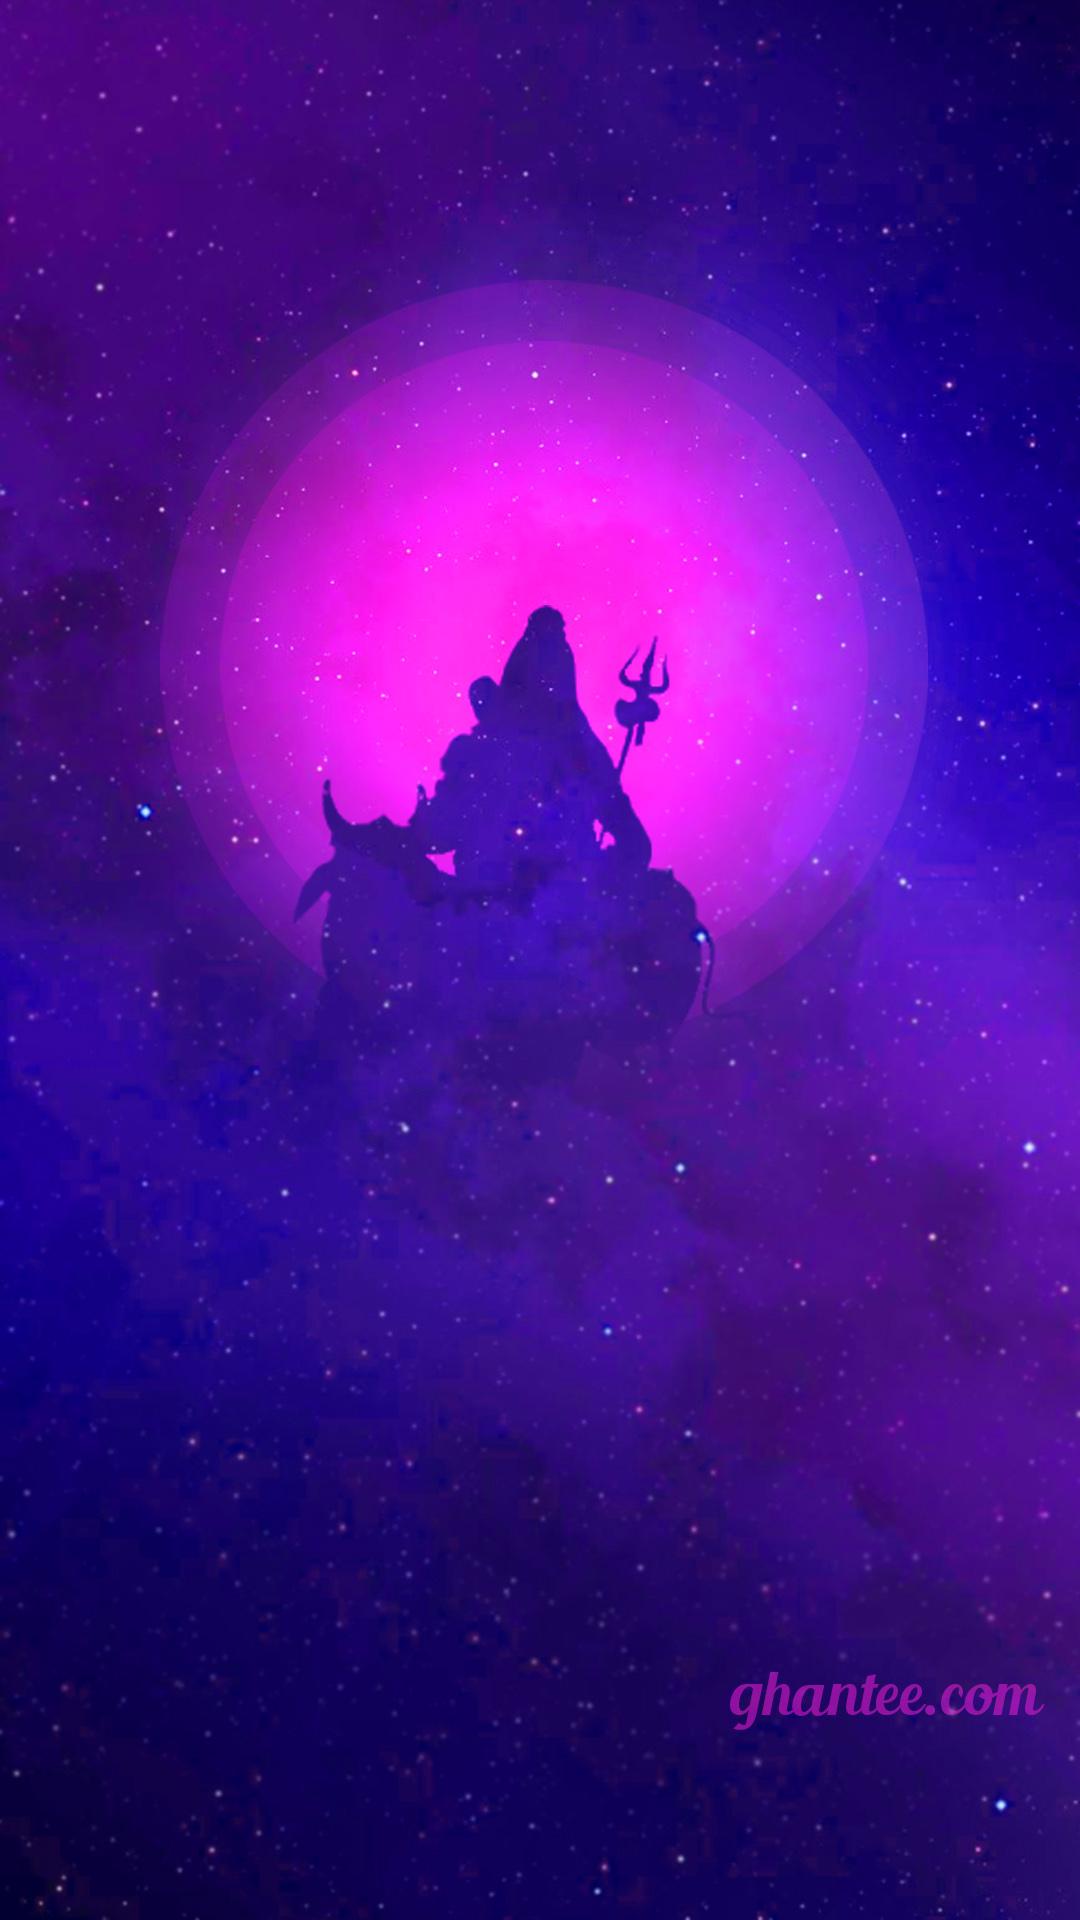 mahadev purple cosmos hd image